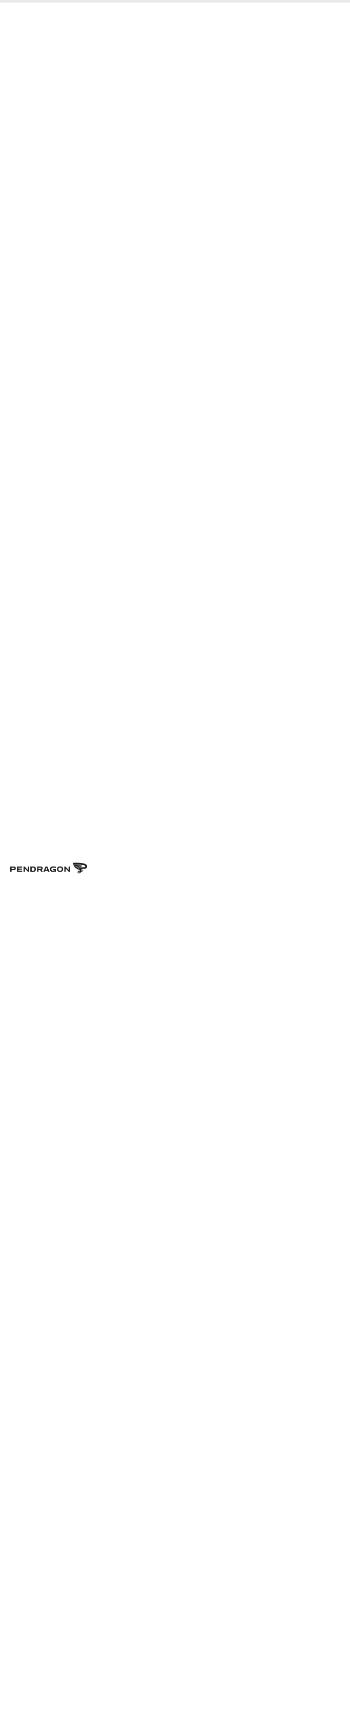 Pendragon PLC Website Screenshot